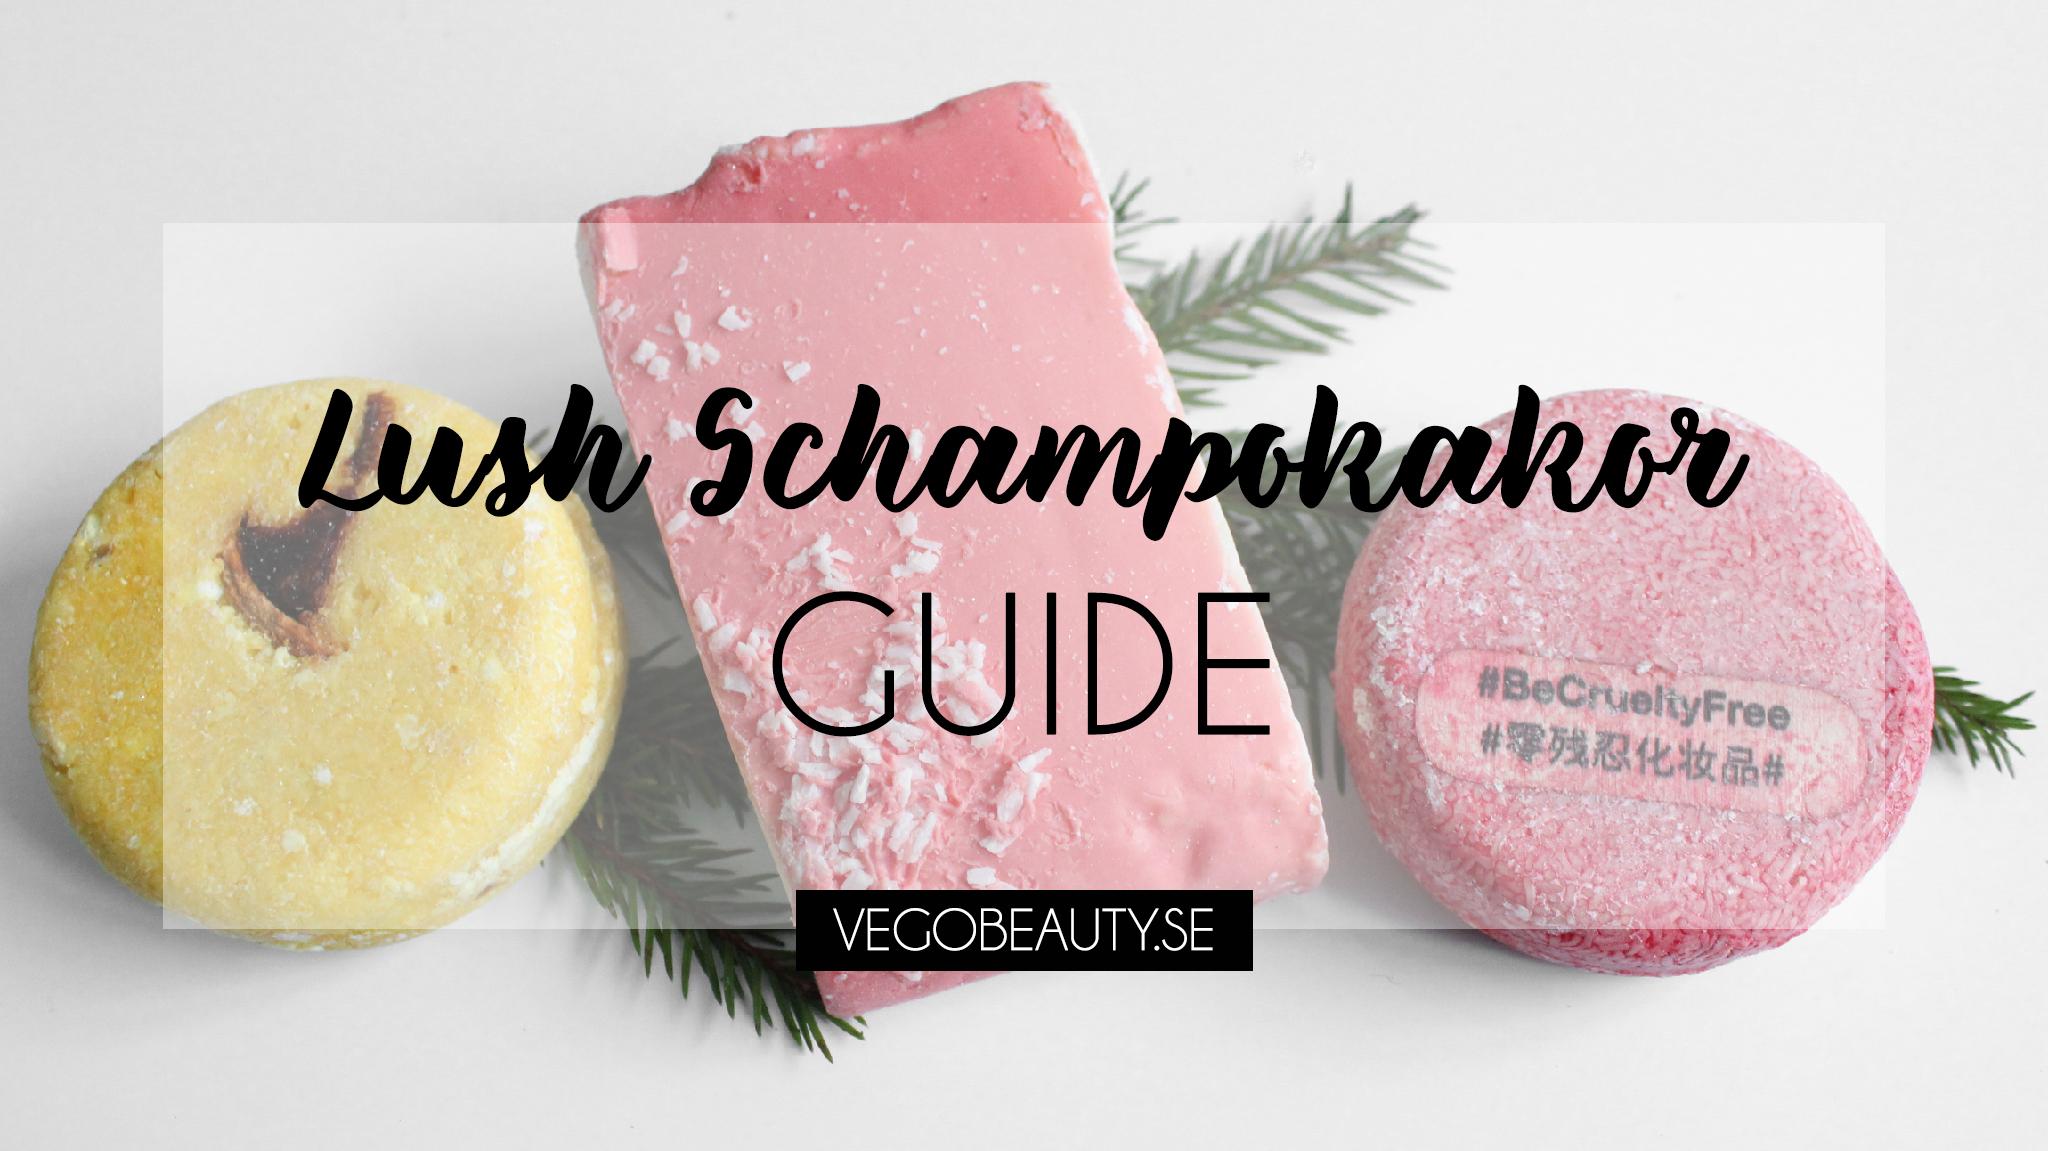 Lush veganska Schampokakor